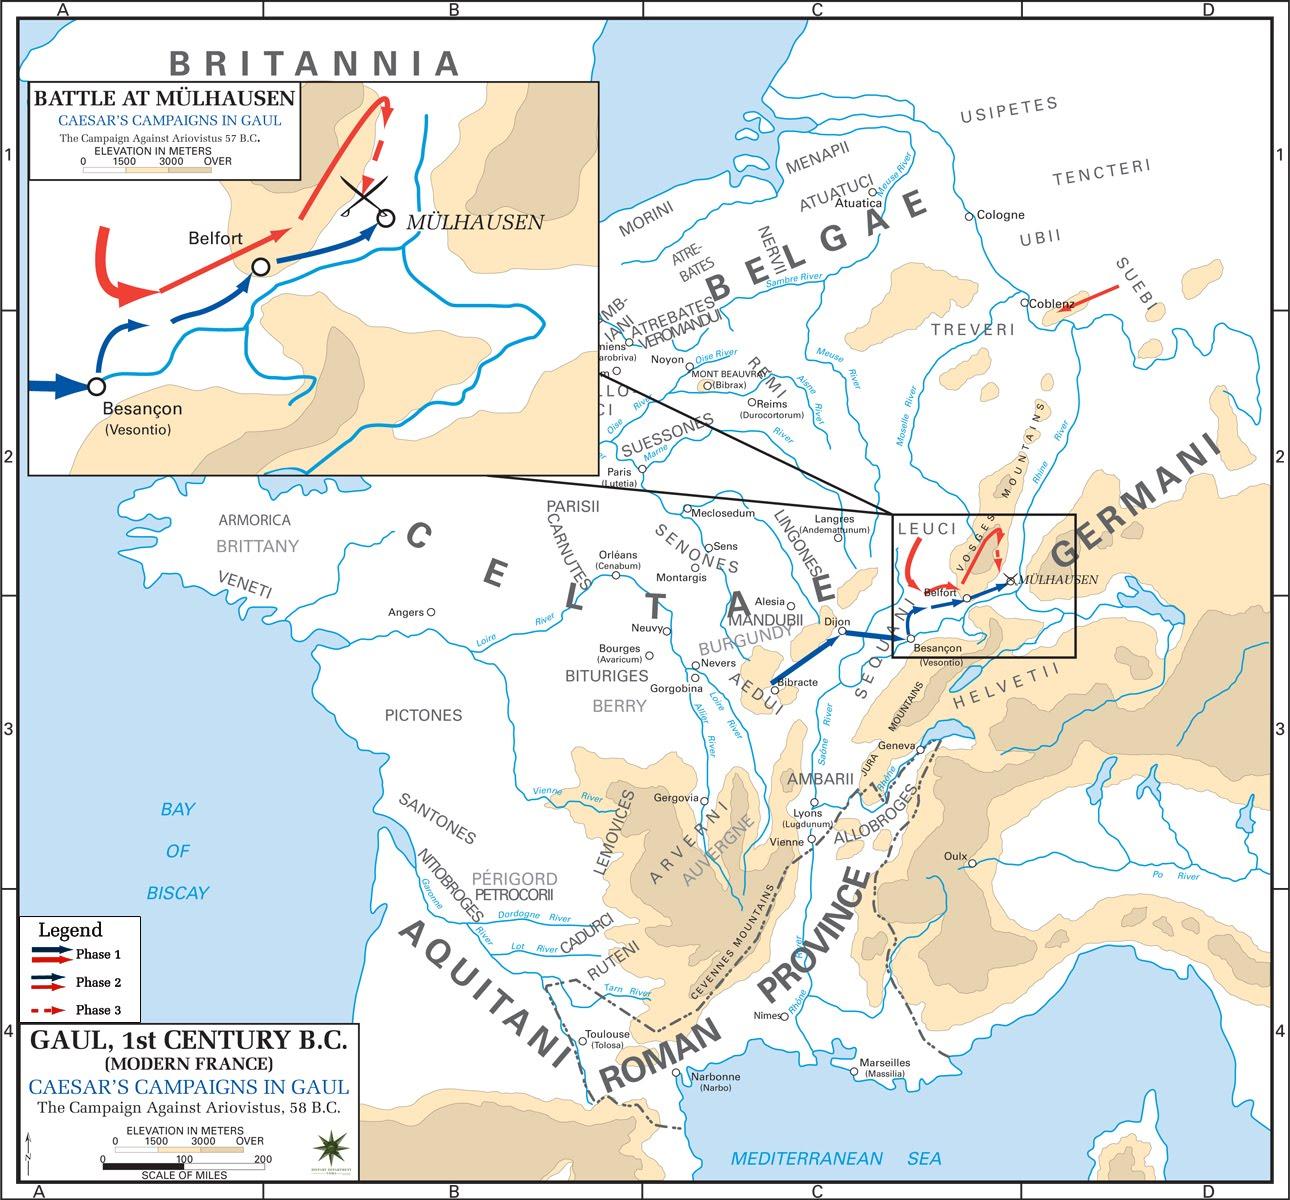 map_caesar_ Campaigns in gaul against aristovistus 57 BC.jpg